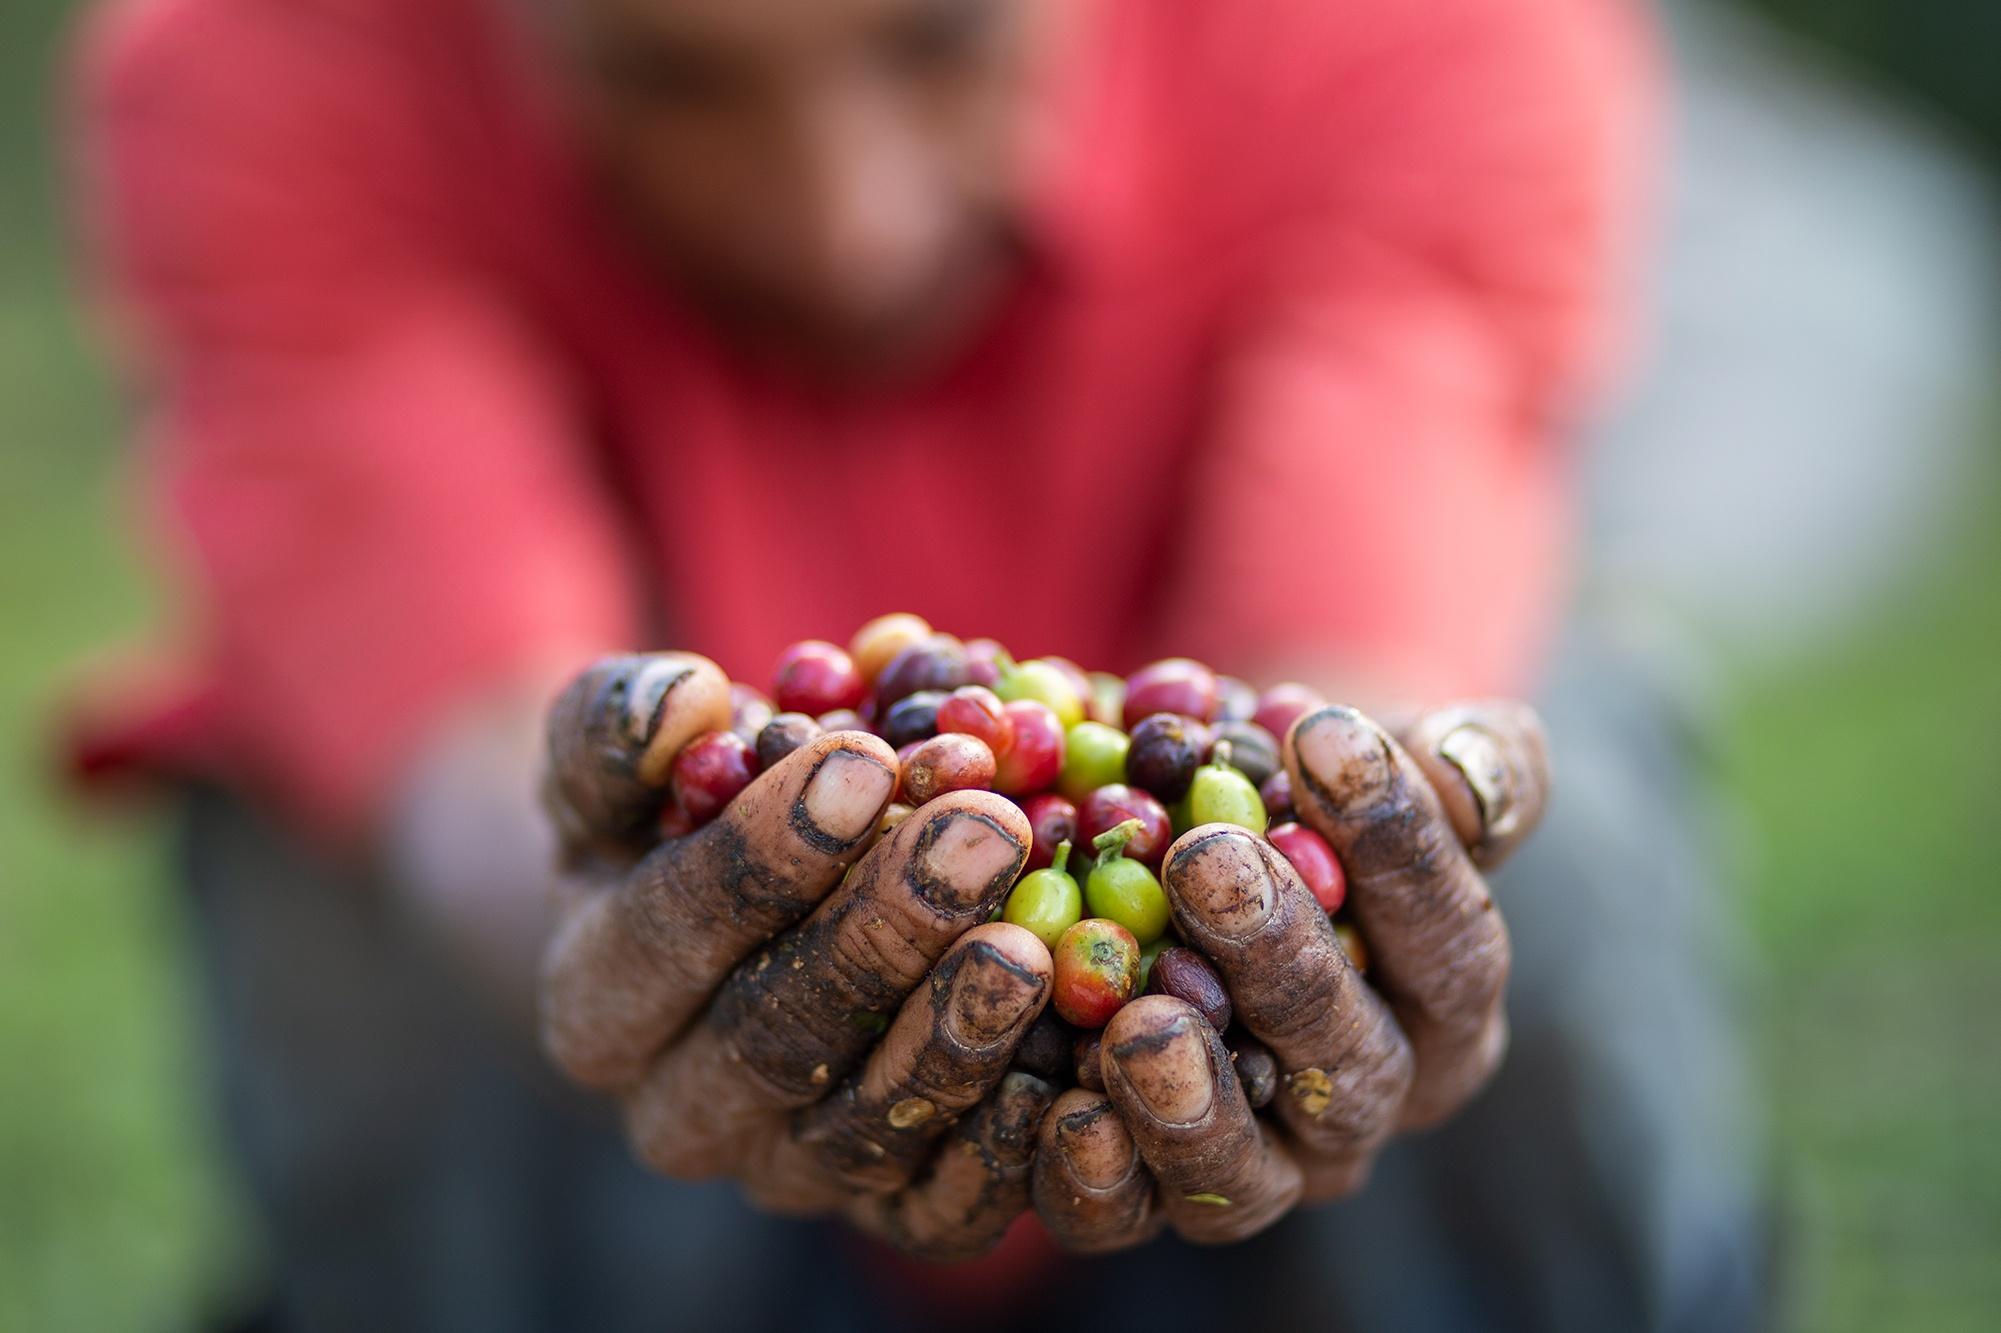 José María Rodríguez, de 60 años, muestra en sus manos una porción del fruto de café que selecciona. José, originario de la comunidad de La Flores, en el departamento de Lempira, trabaja cortando café desde los 15 años. Corquín, Copán, 25 de febrero de 2021. Foto: Martín Cálix.